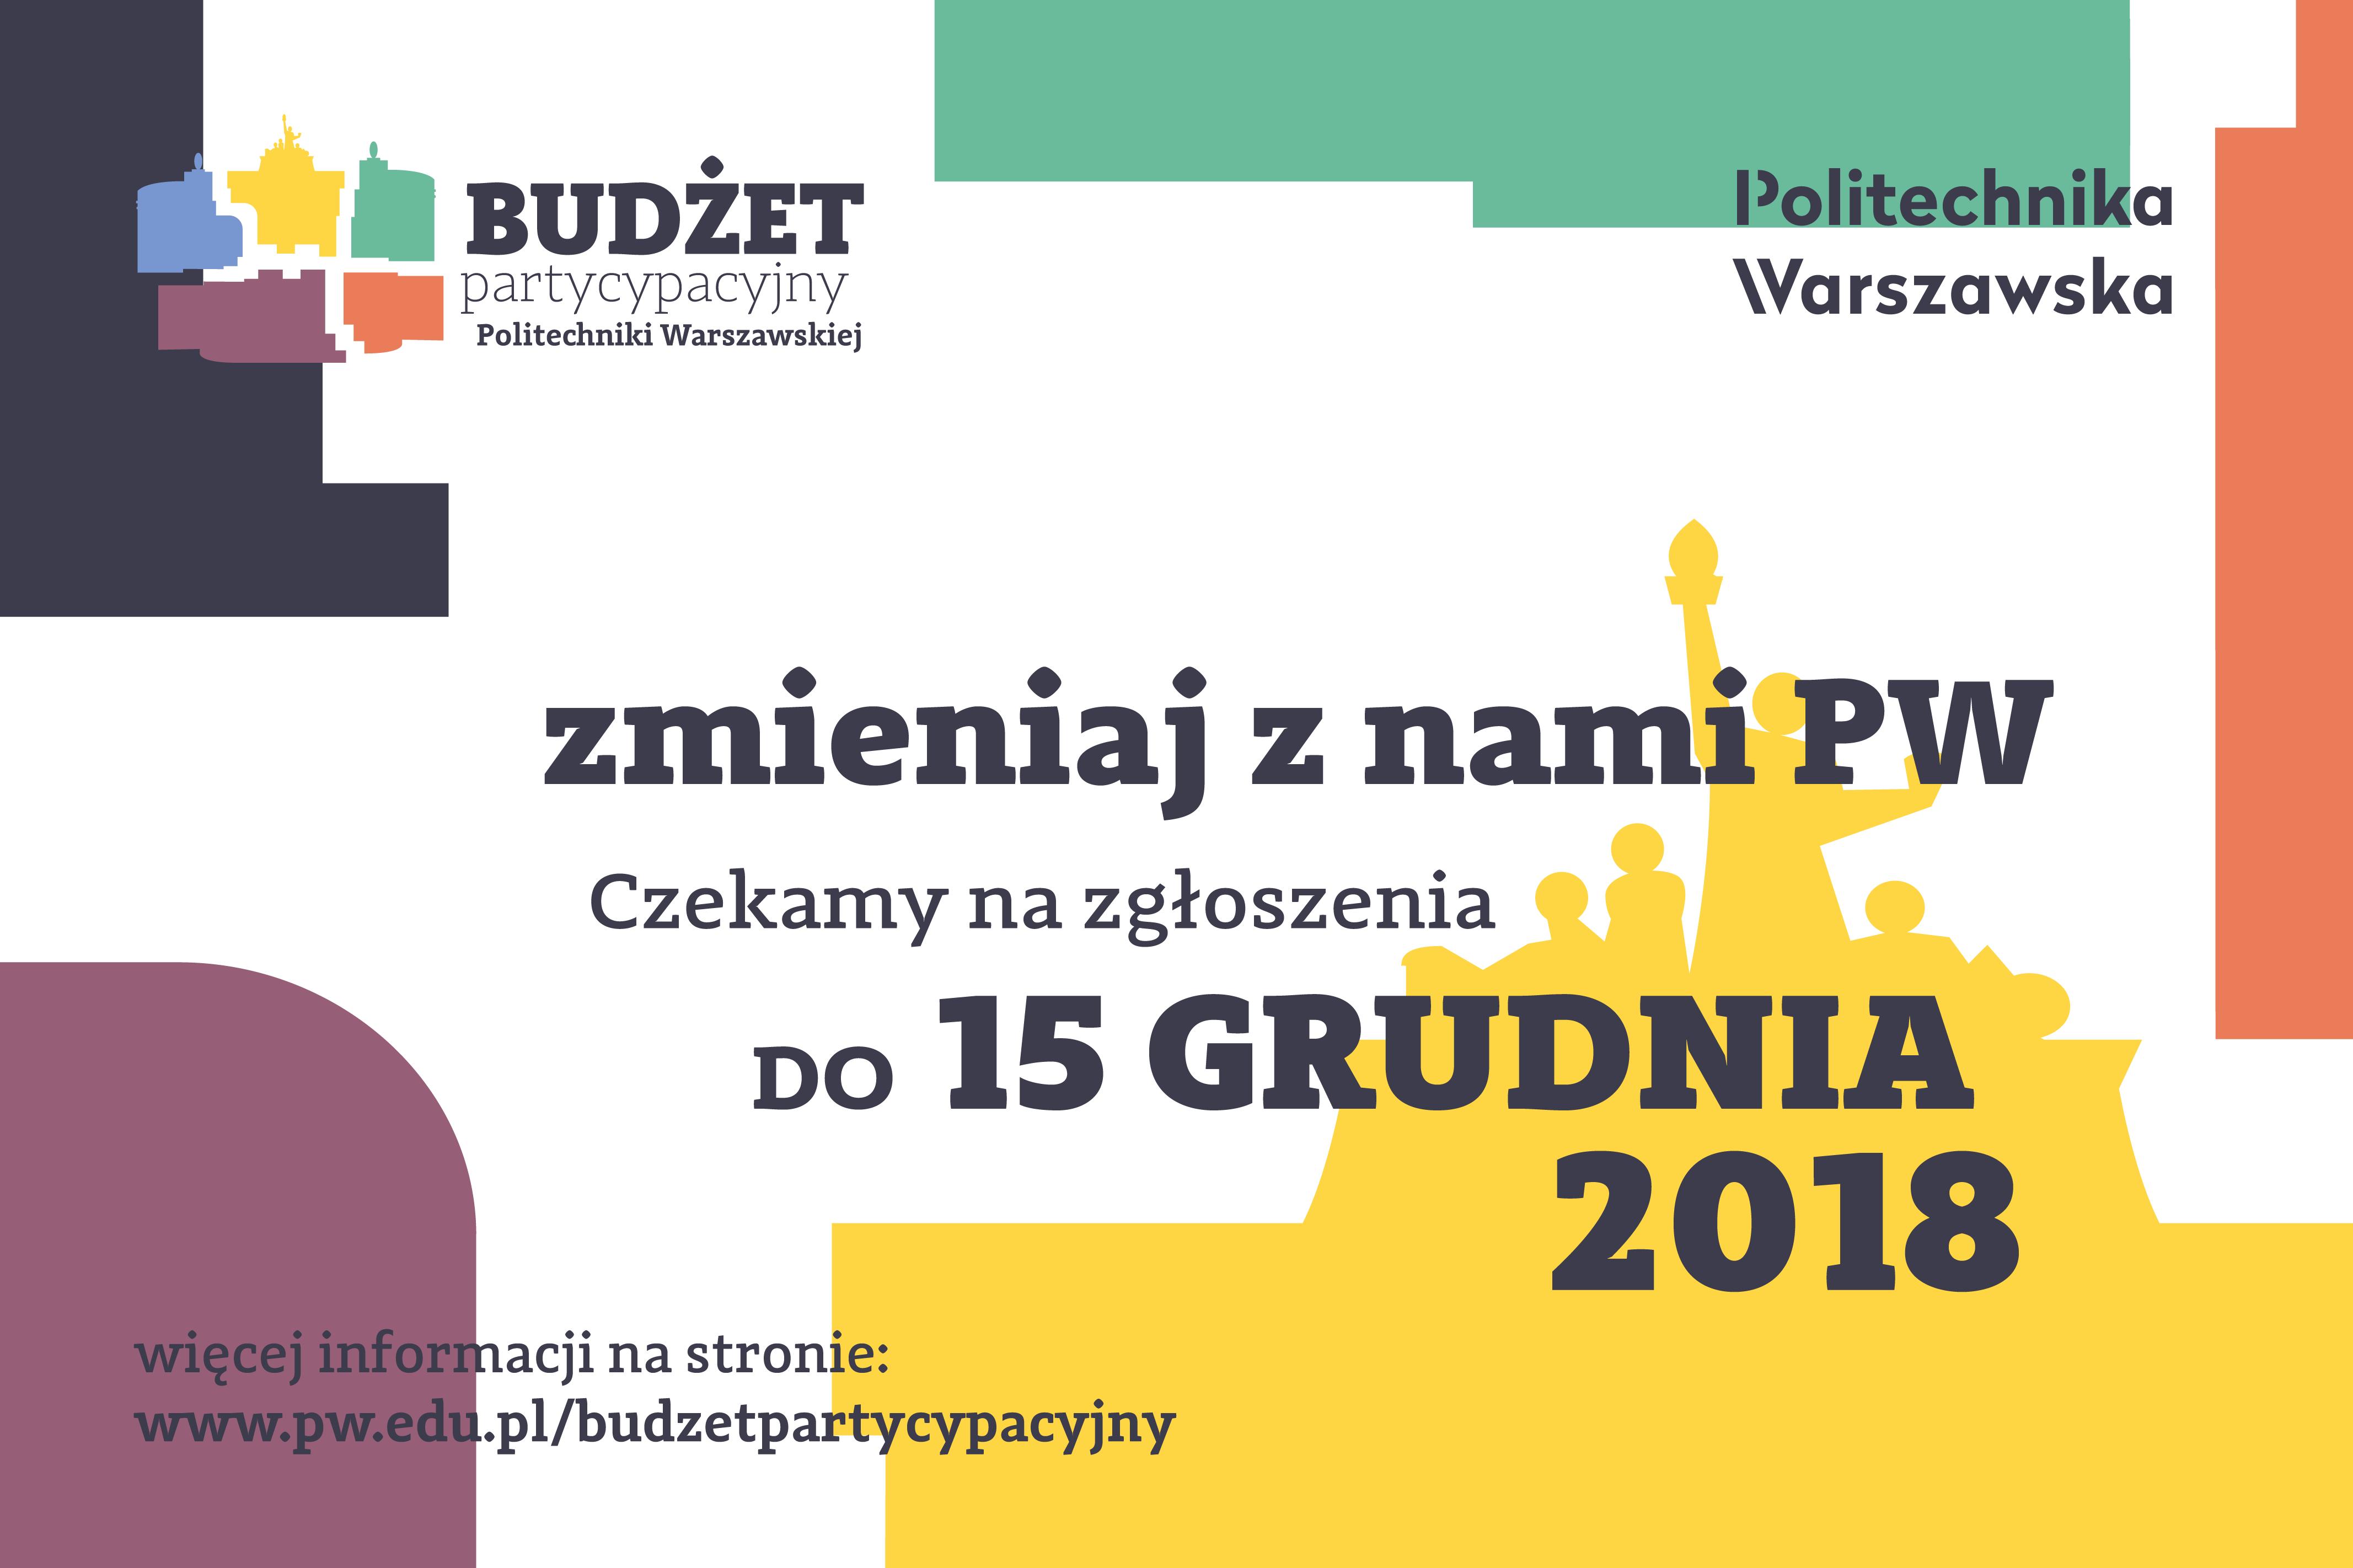 Budżet Partycypacyjny Politechniki Warszawskiej